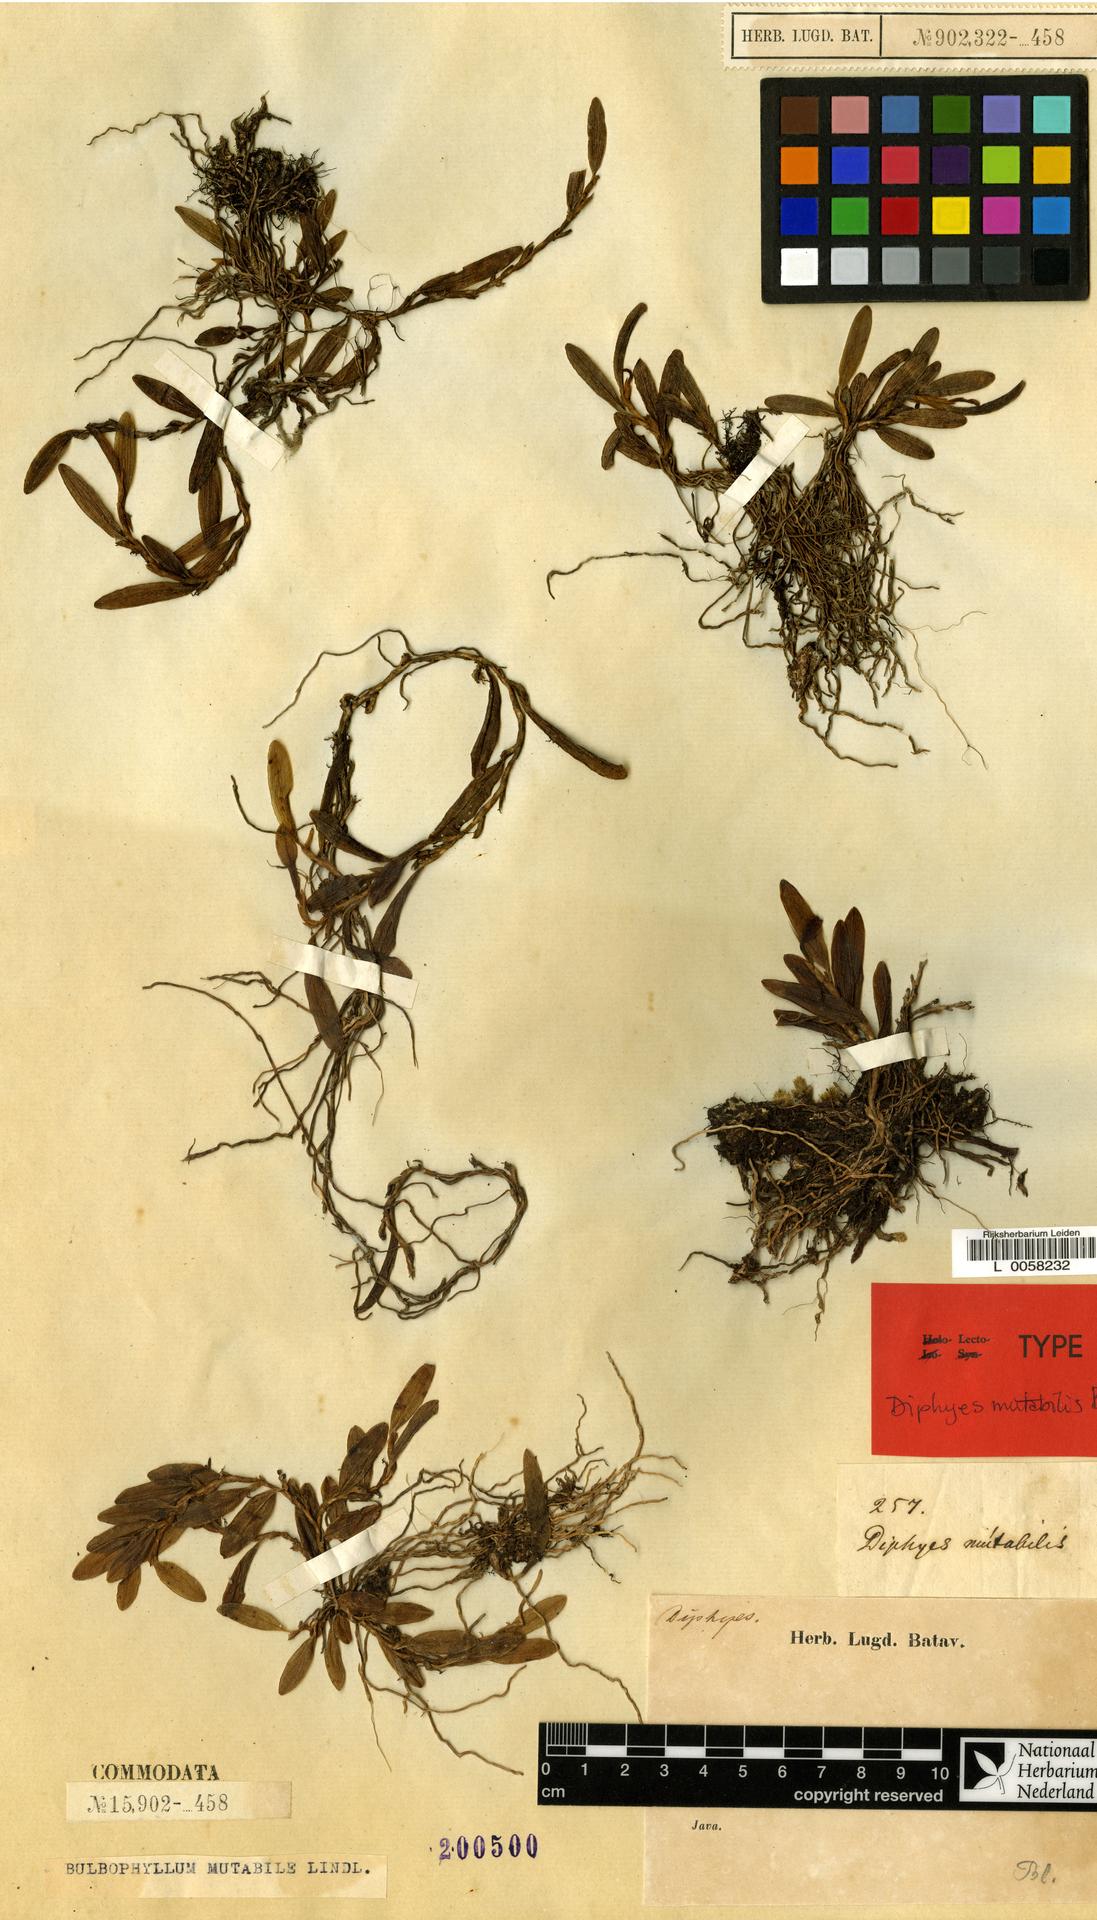 L  0058232 | Bulbophyllum mutabile (Blume) Lindl.